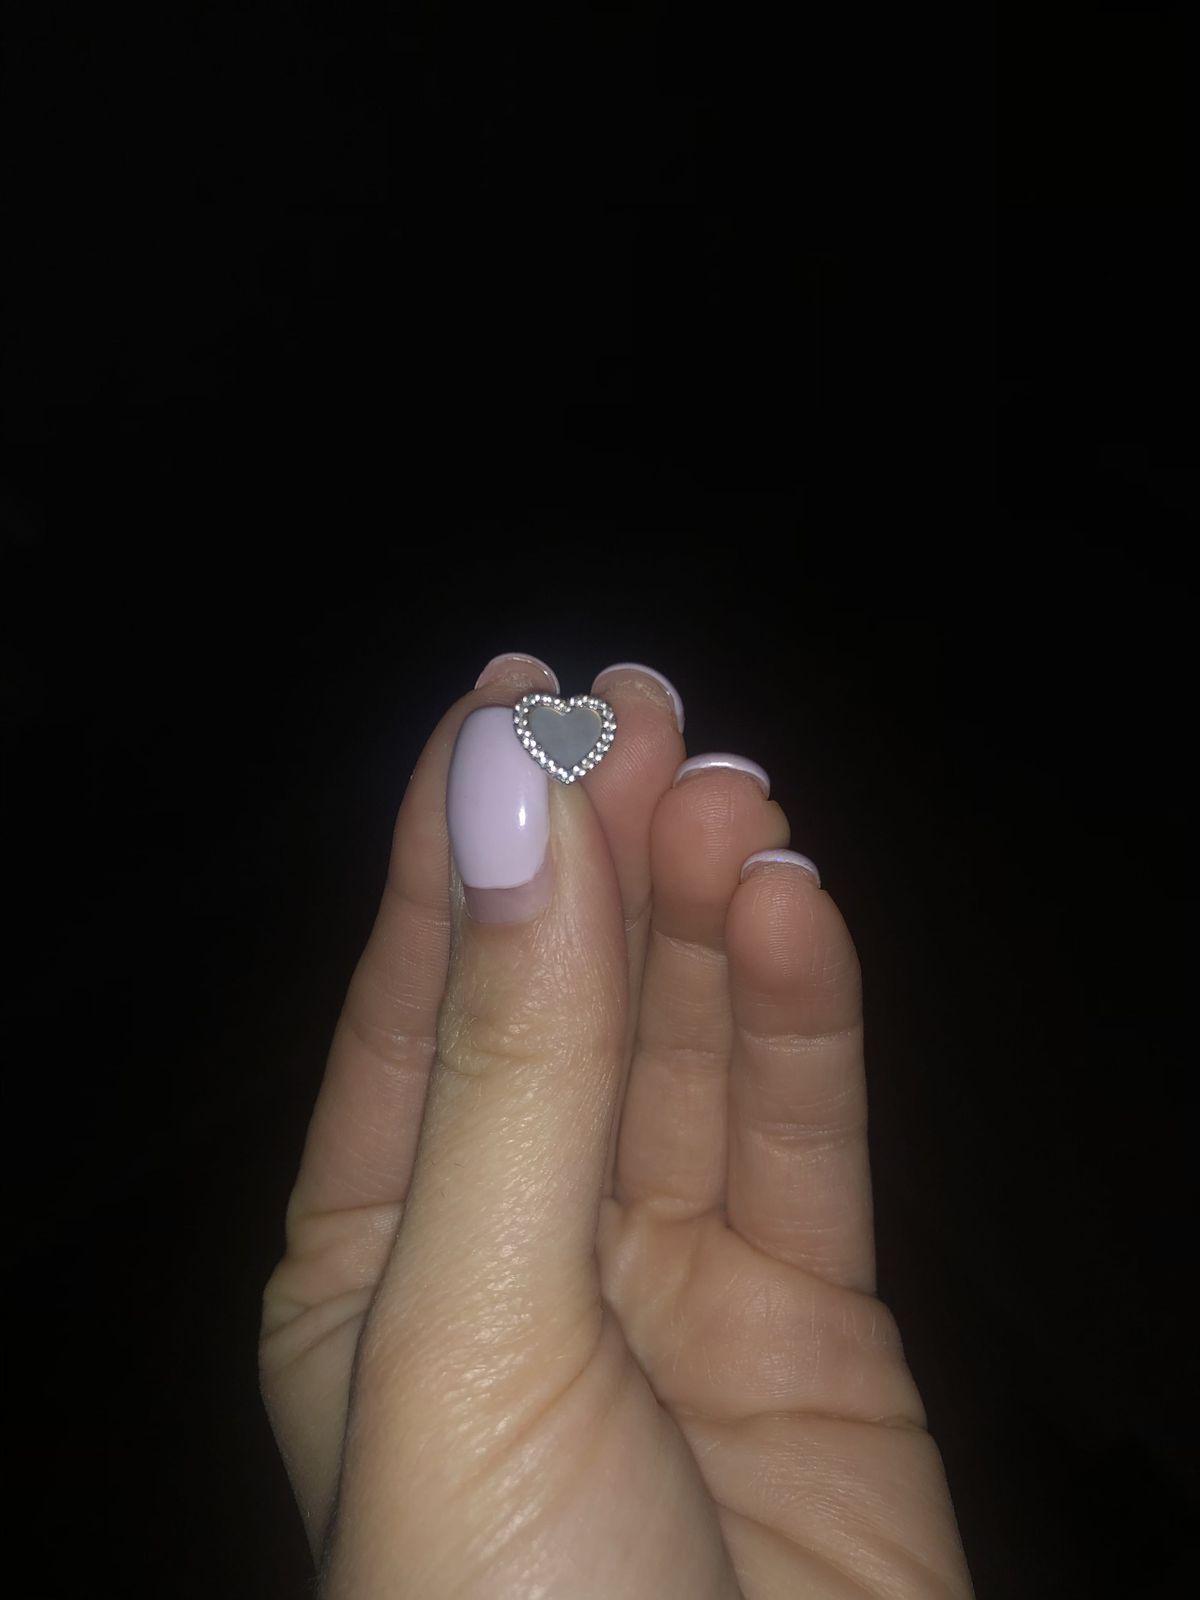 Очень красивые сердечки!!